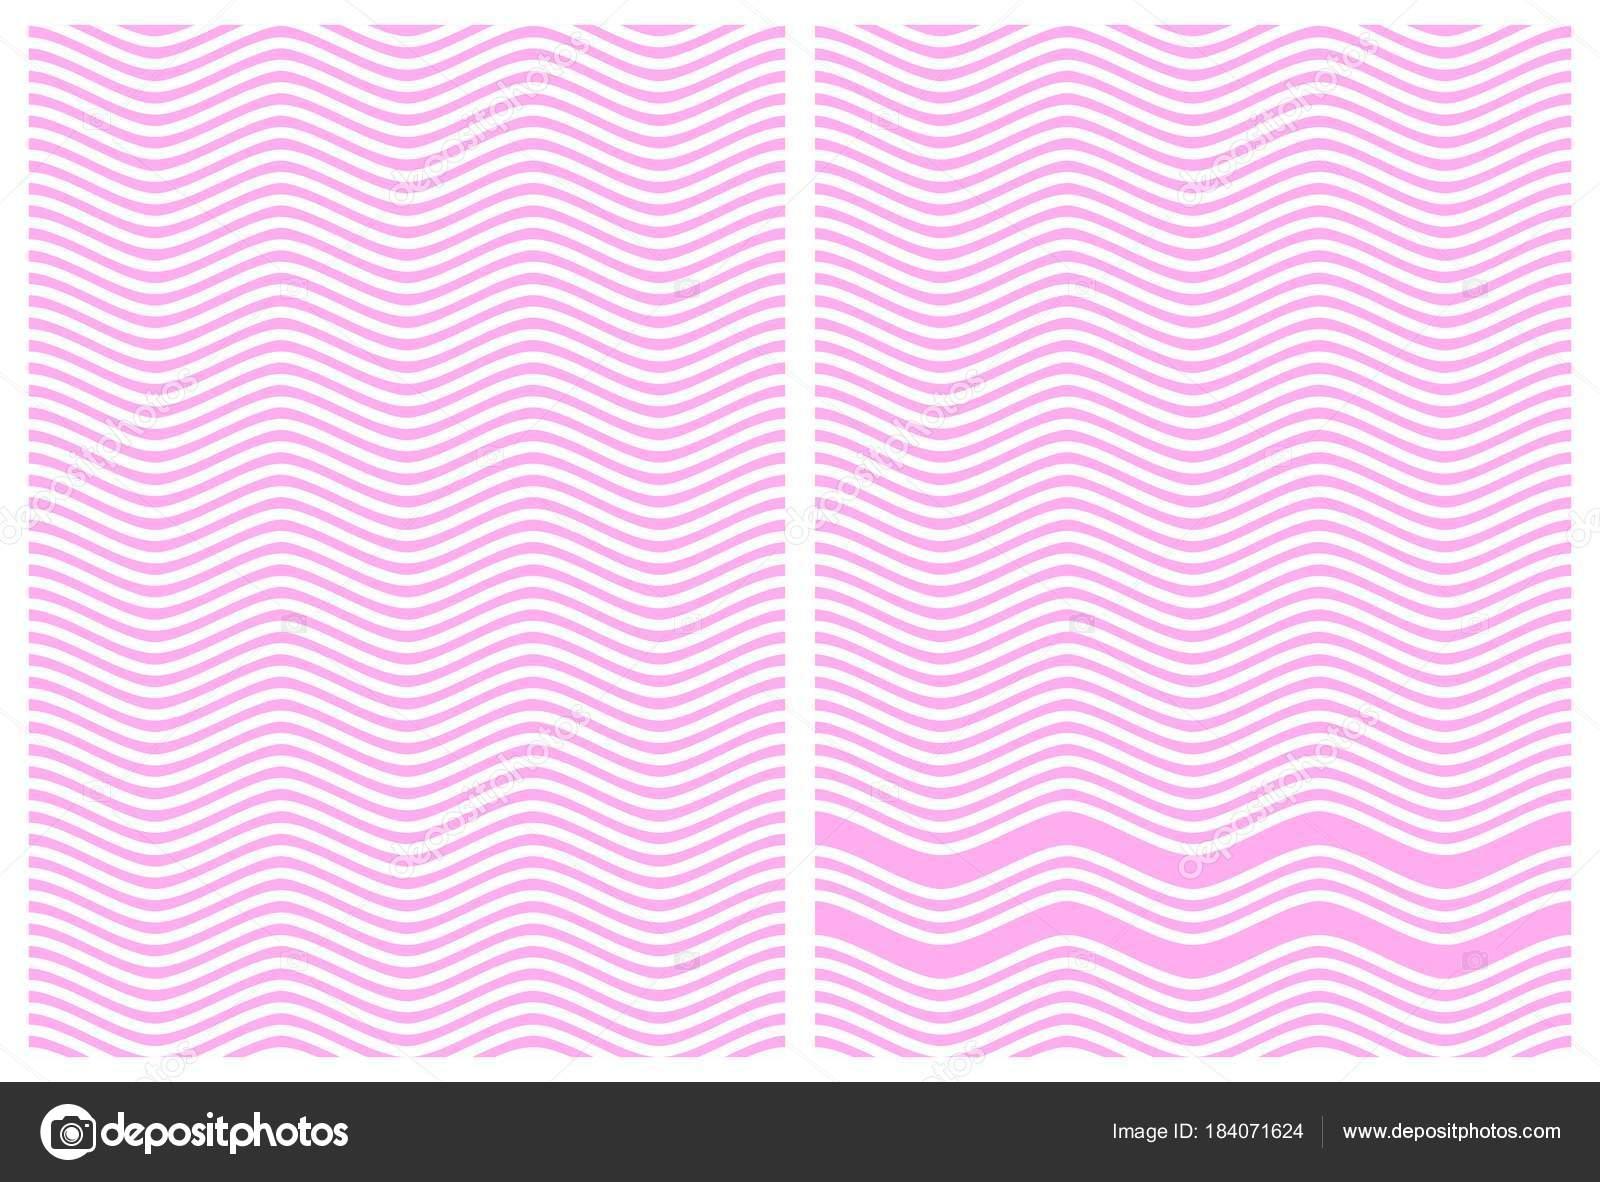 Genial Gardinen Alternative Dekoration Von Zick Zack Linien Von Rosa Und Weiß